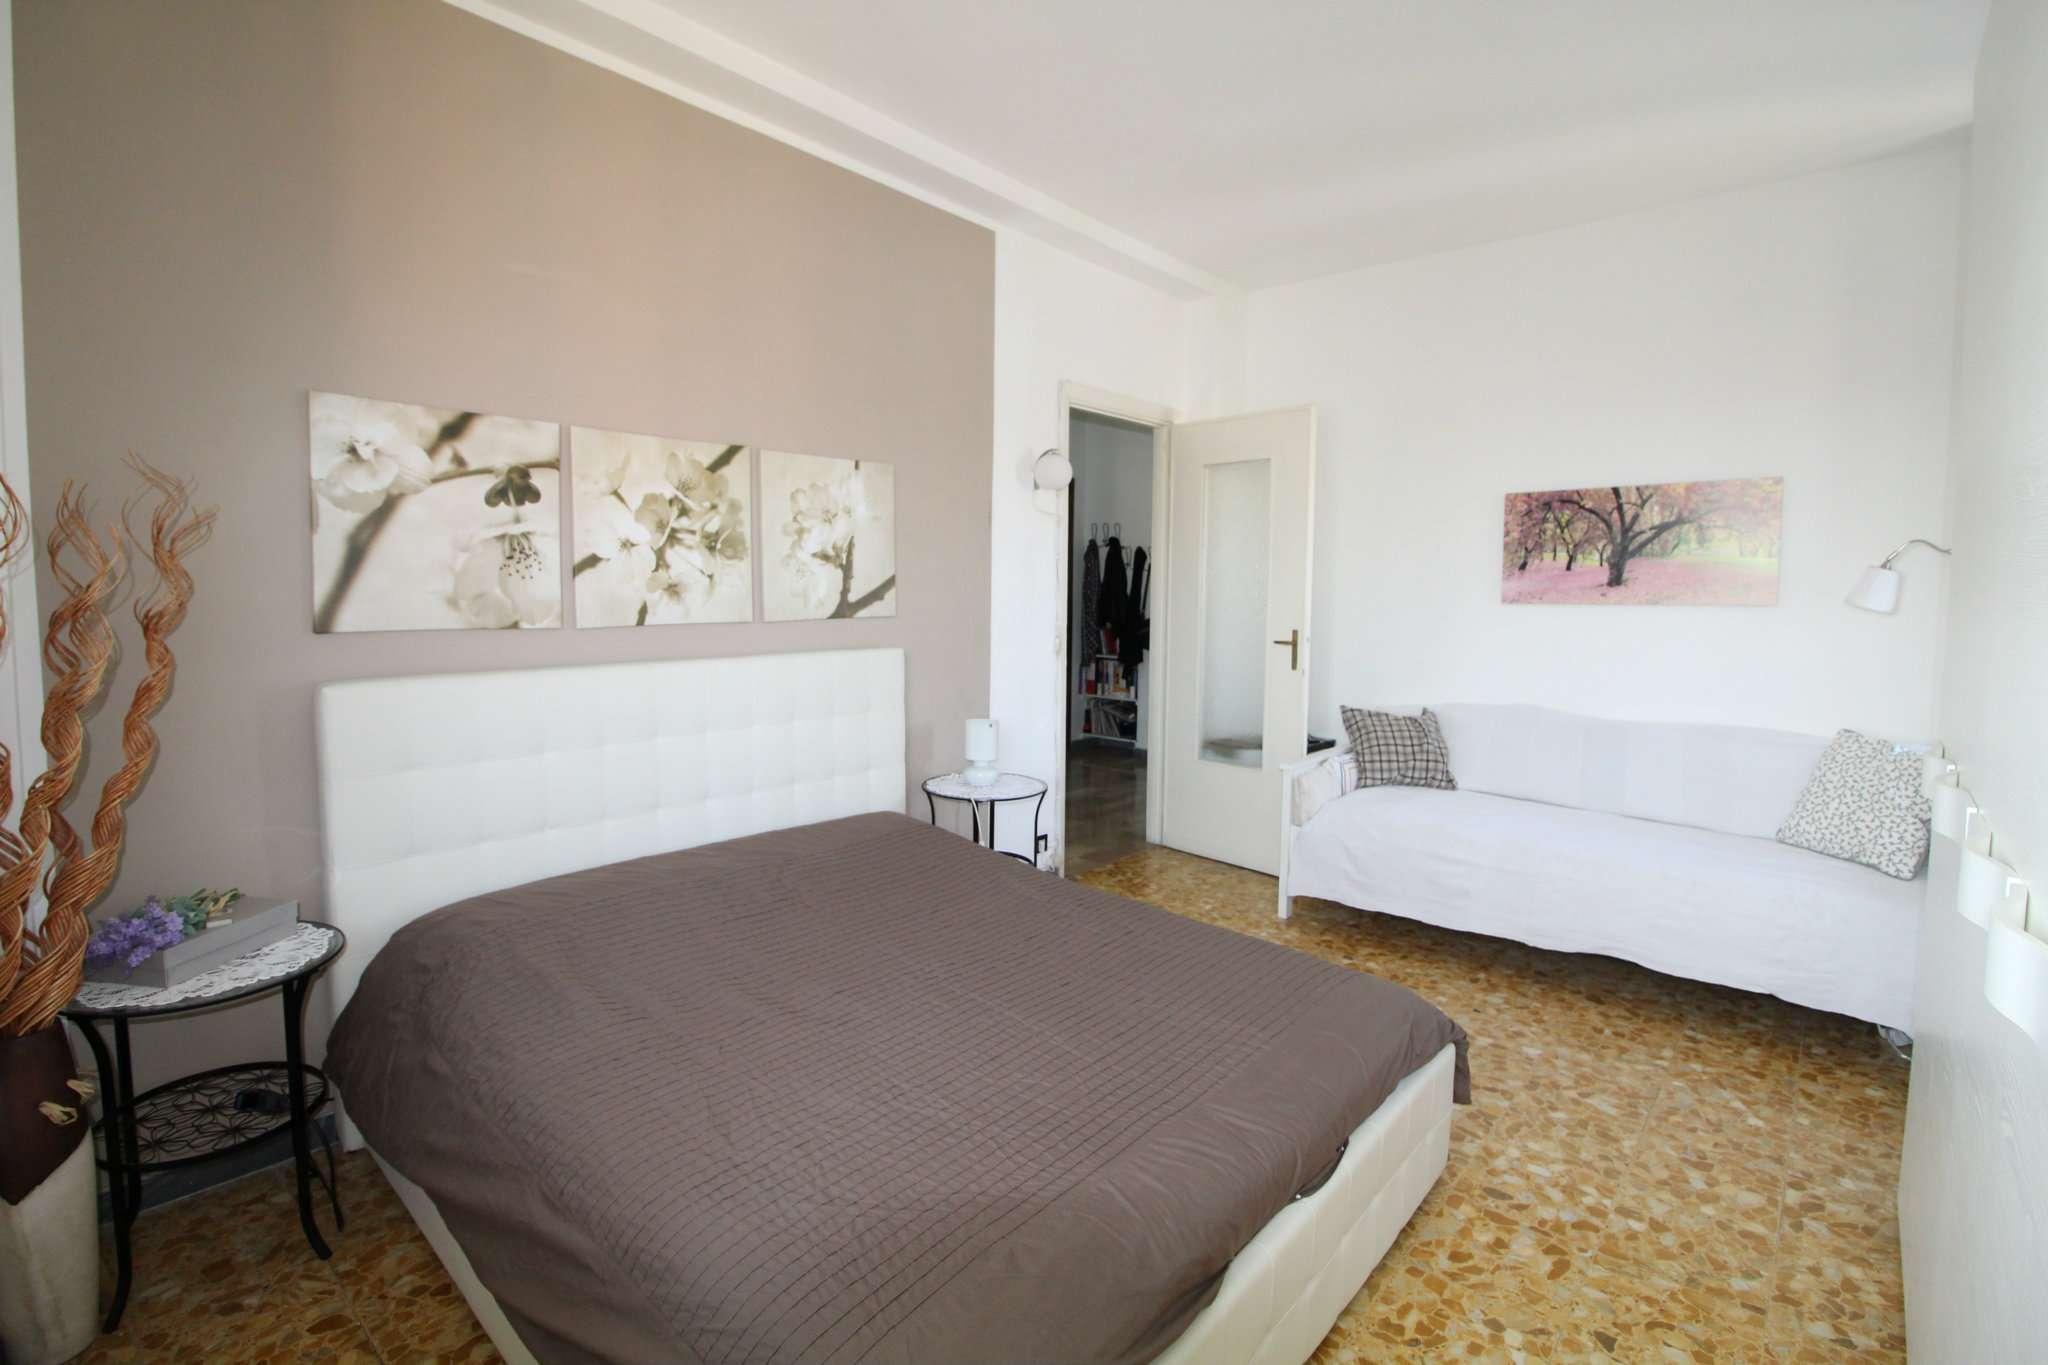 Appartamento in vendita a None, 2 locali, prezzo € 42.000 | CambioCasa.it